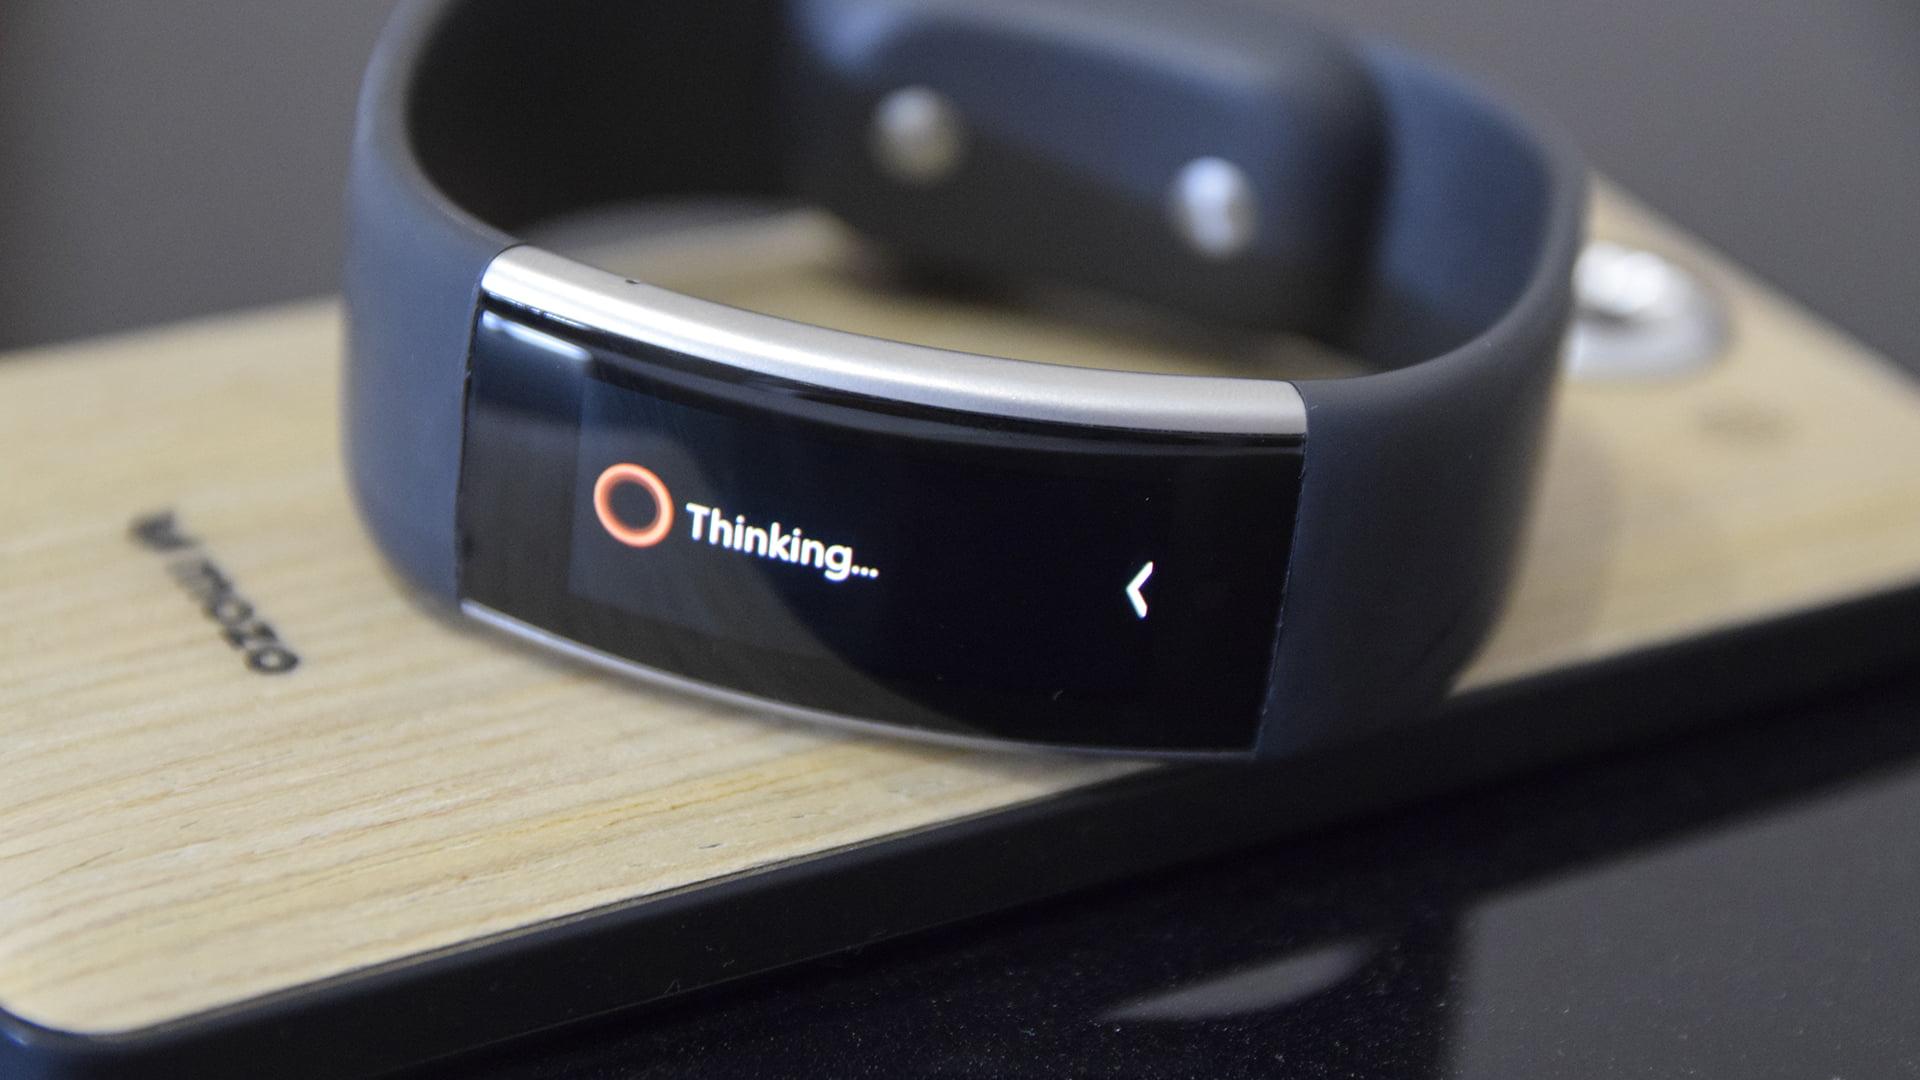 La salud llega a Cortana